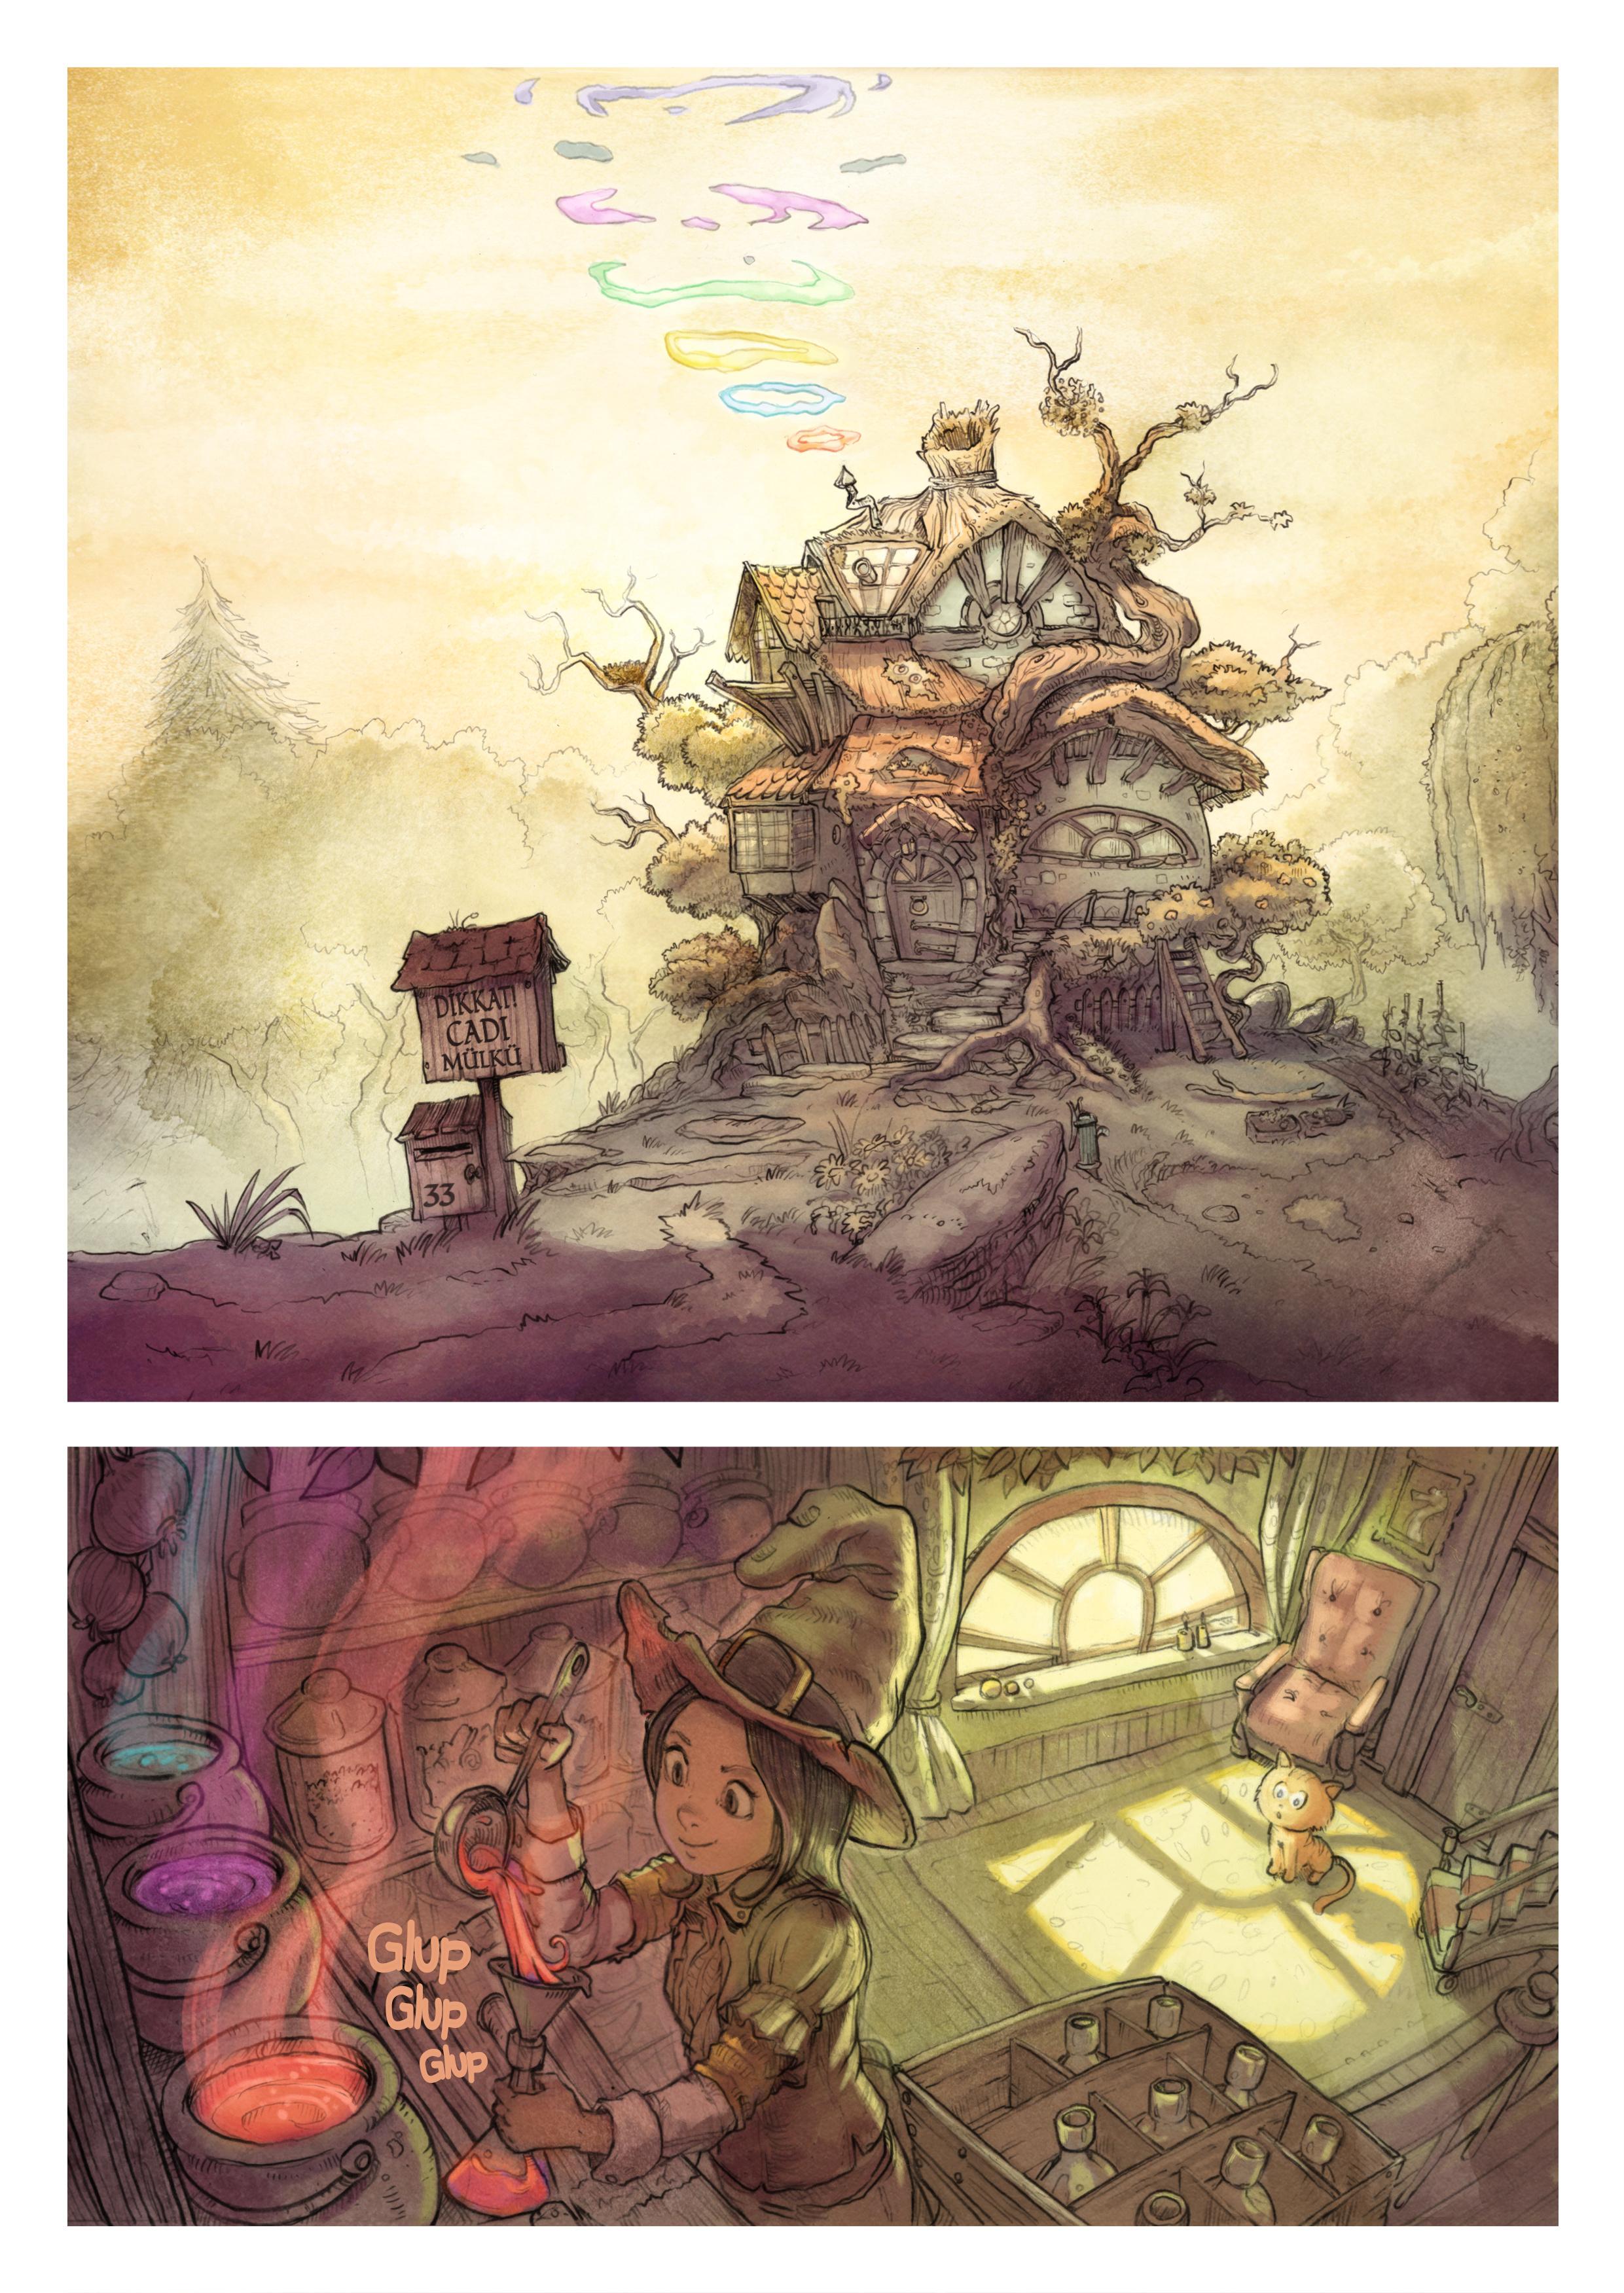 2. Bölüm : Gökkuşağı büyüleri, Page 1